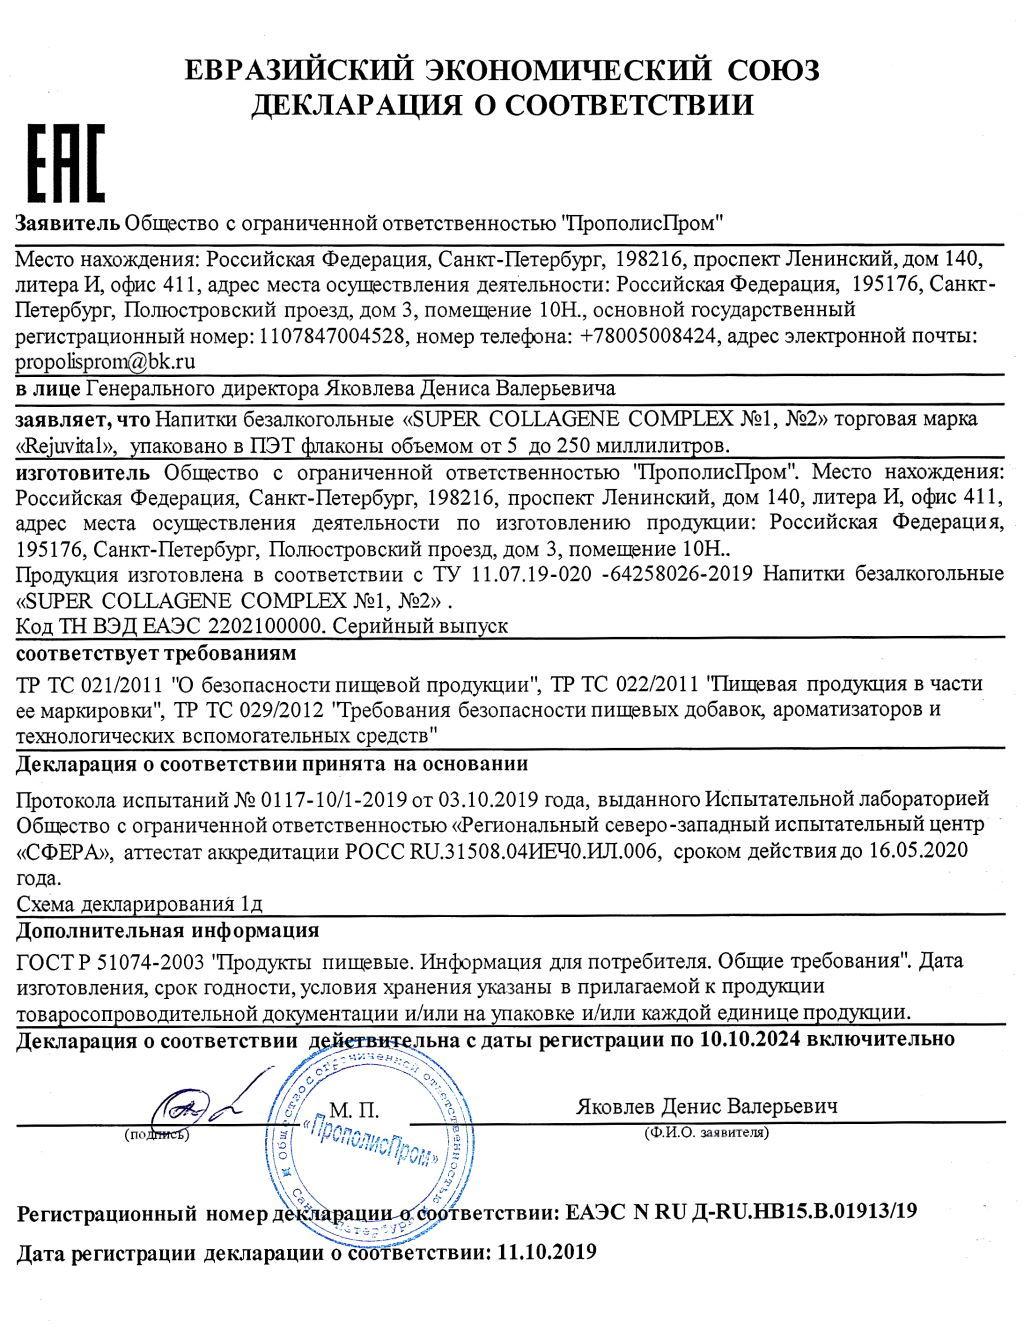 SUPER COLLAGENE Питьевой морской коллаген - Декларация соответствия